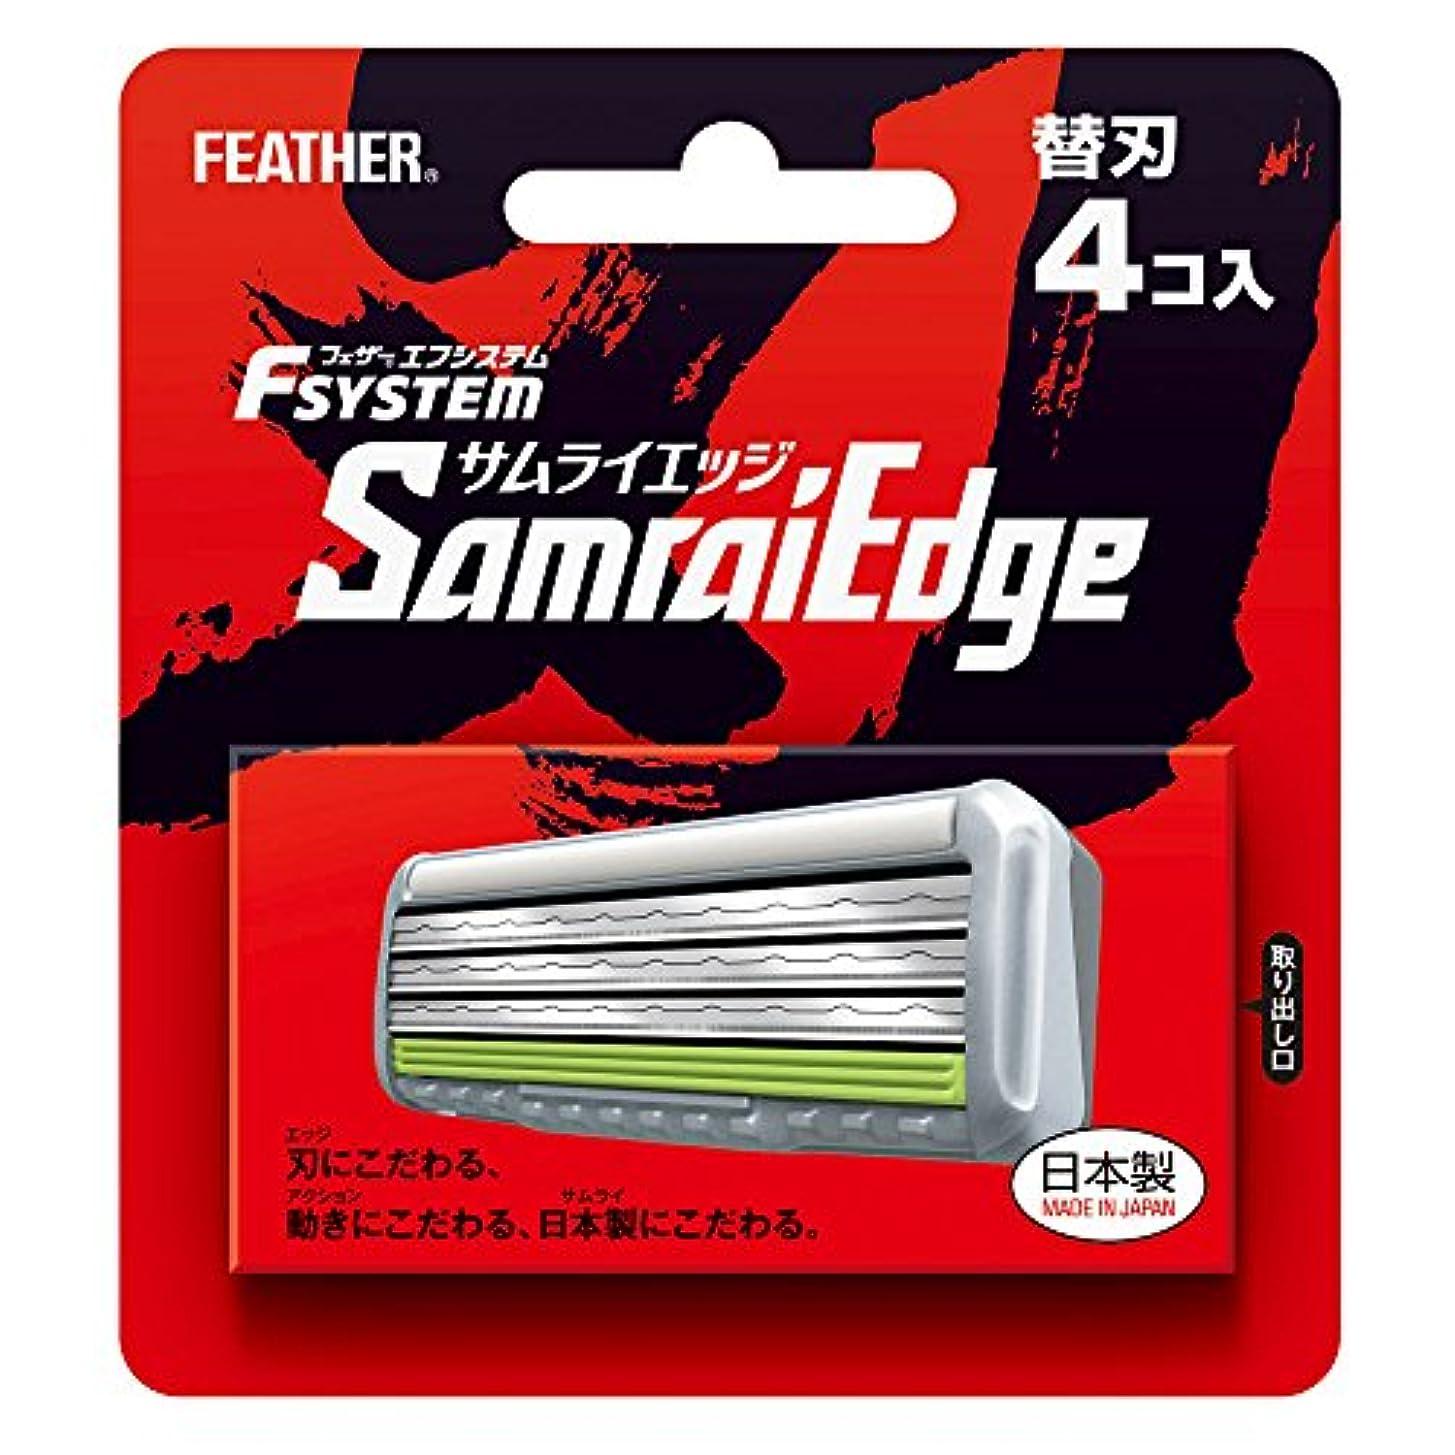 分解する財団気まぐれなフェザー エフシステム 替刃 サムライエッジ 4コ入 (日本製)